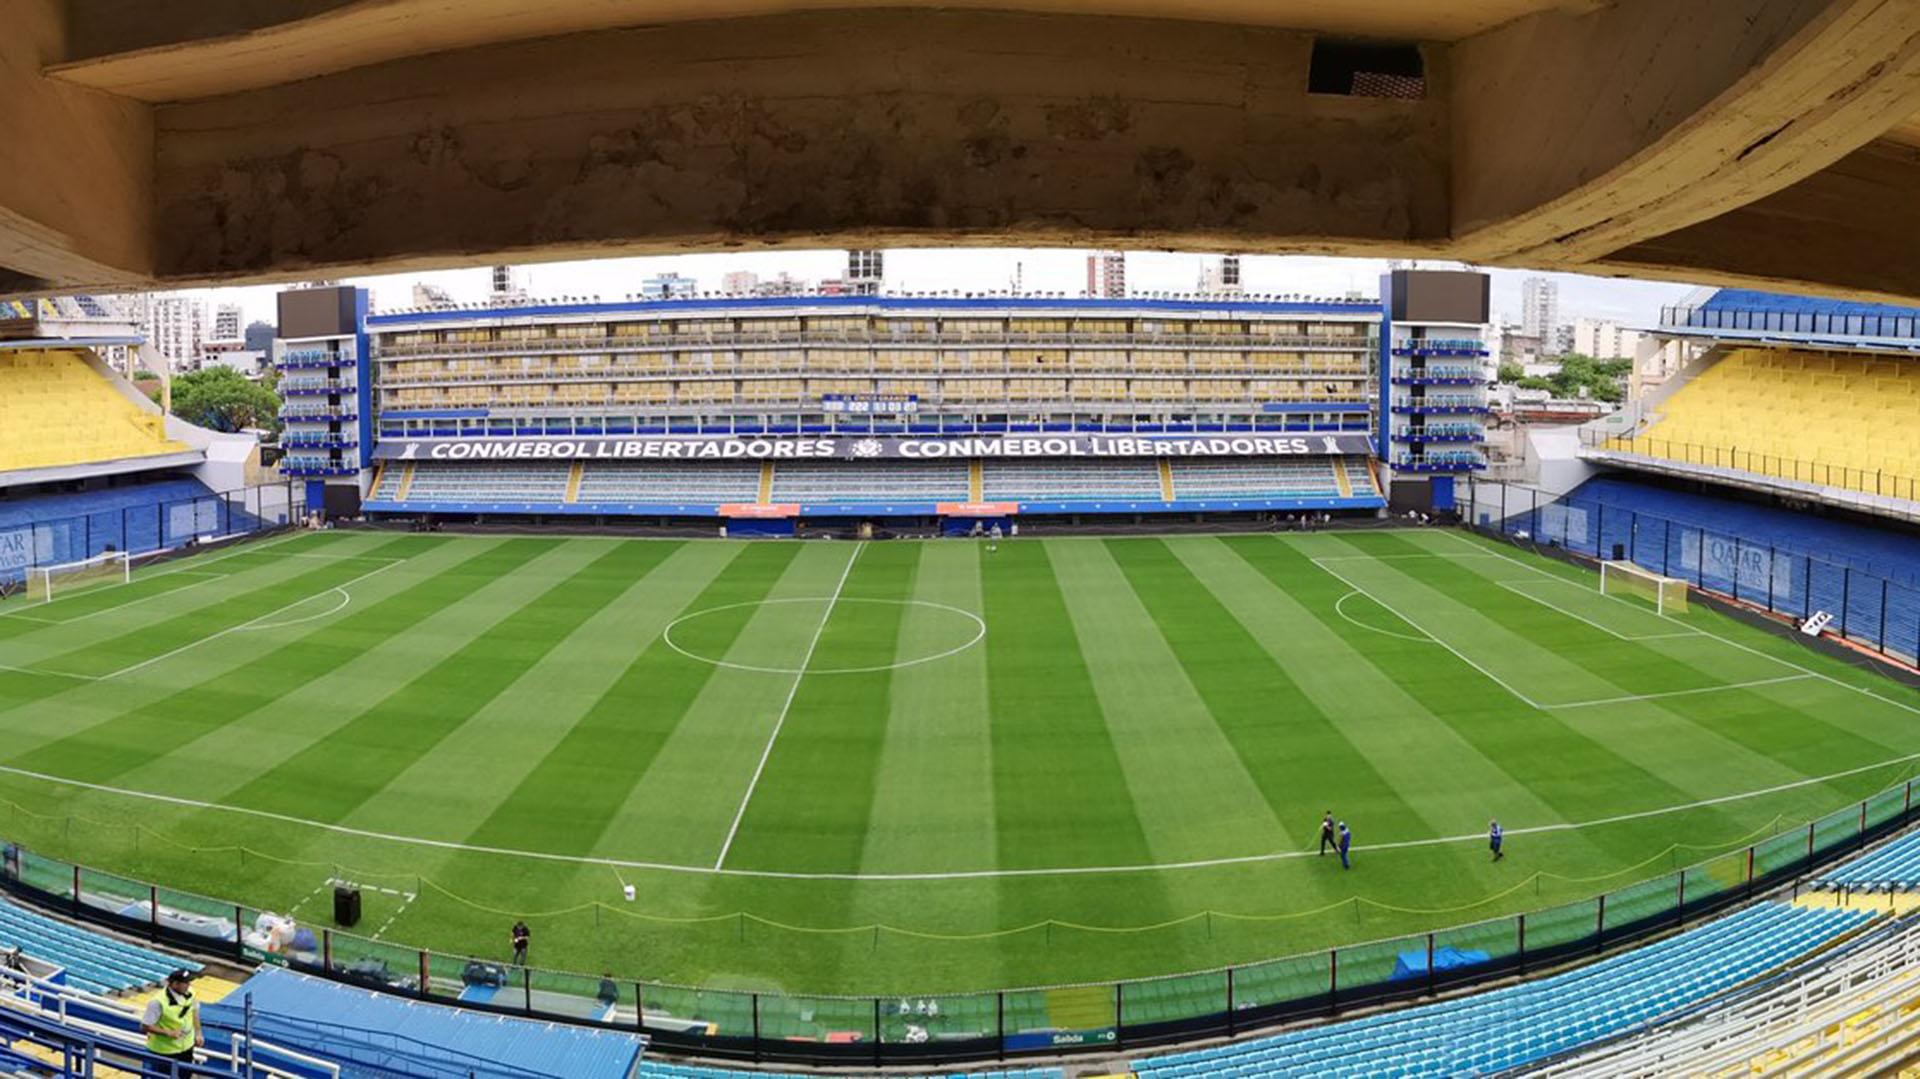 Así luce el campo de juego del estadio de Boca, la Bombonera, a horas del primer partido de la final de la Copa Libertadores que el local jugará ante River (@Lajoya14)